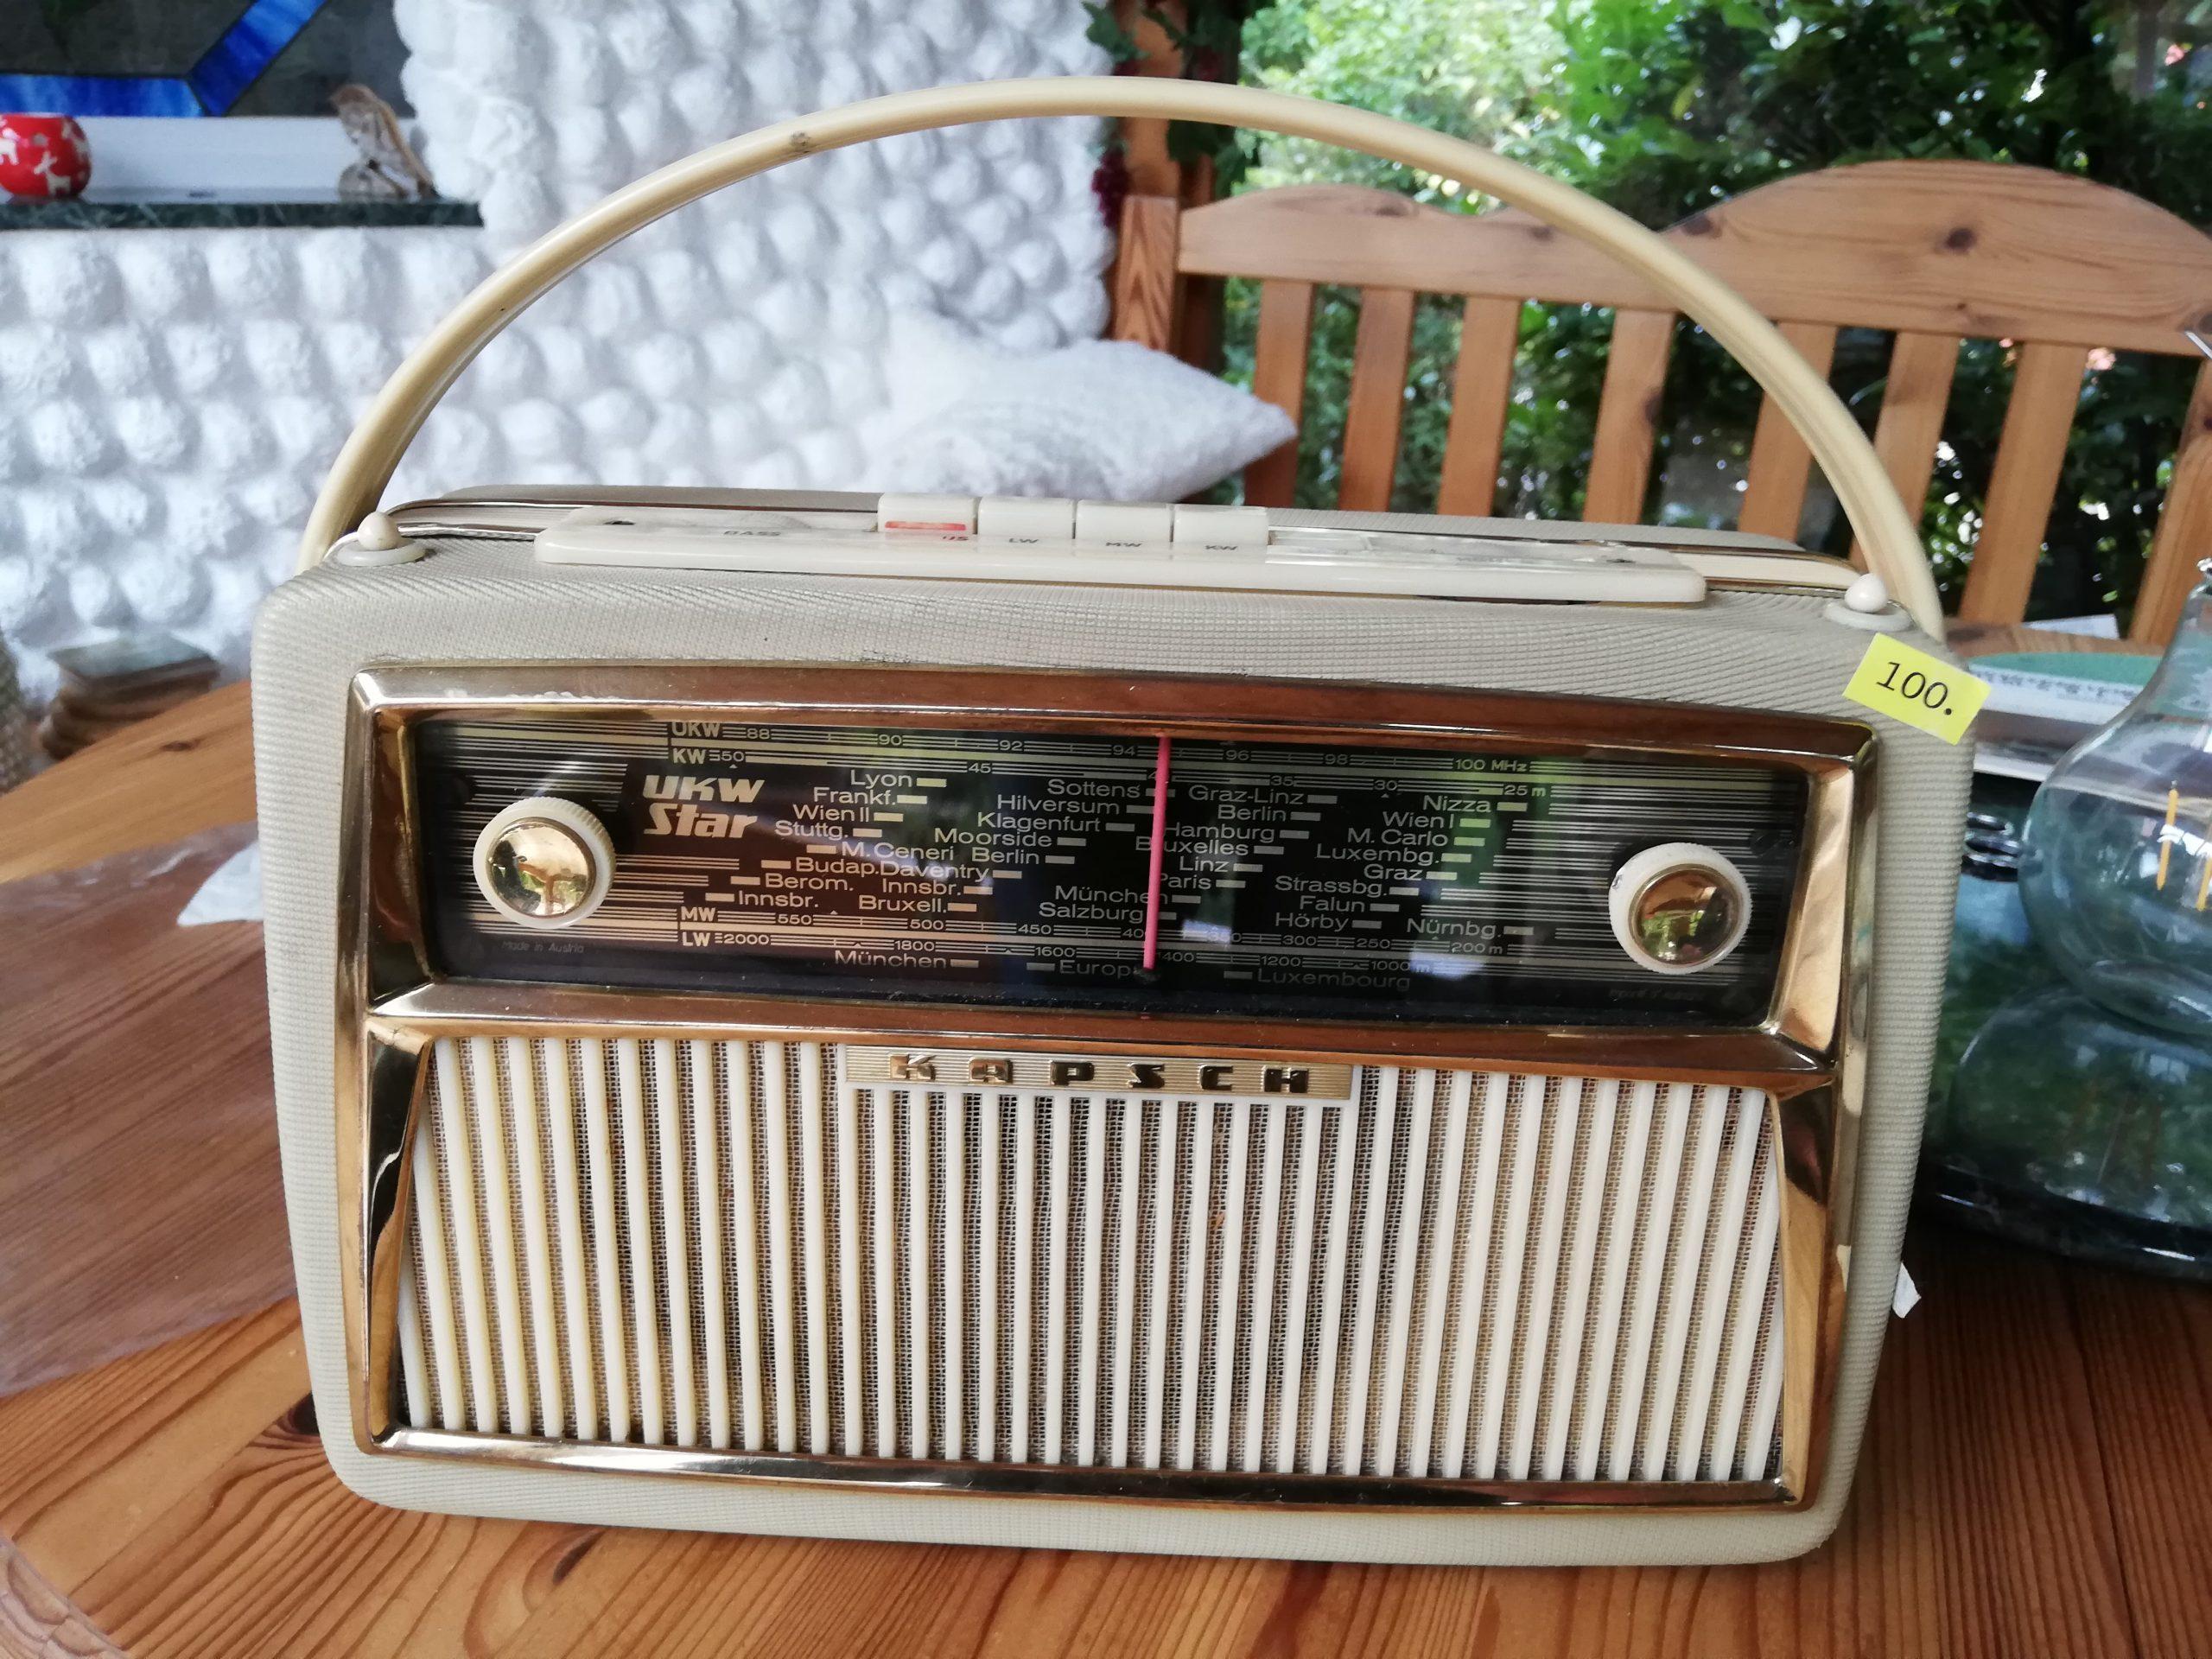 Kapsch Radio UKW STAR 1960 fertig